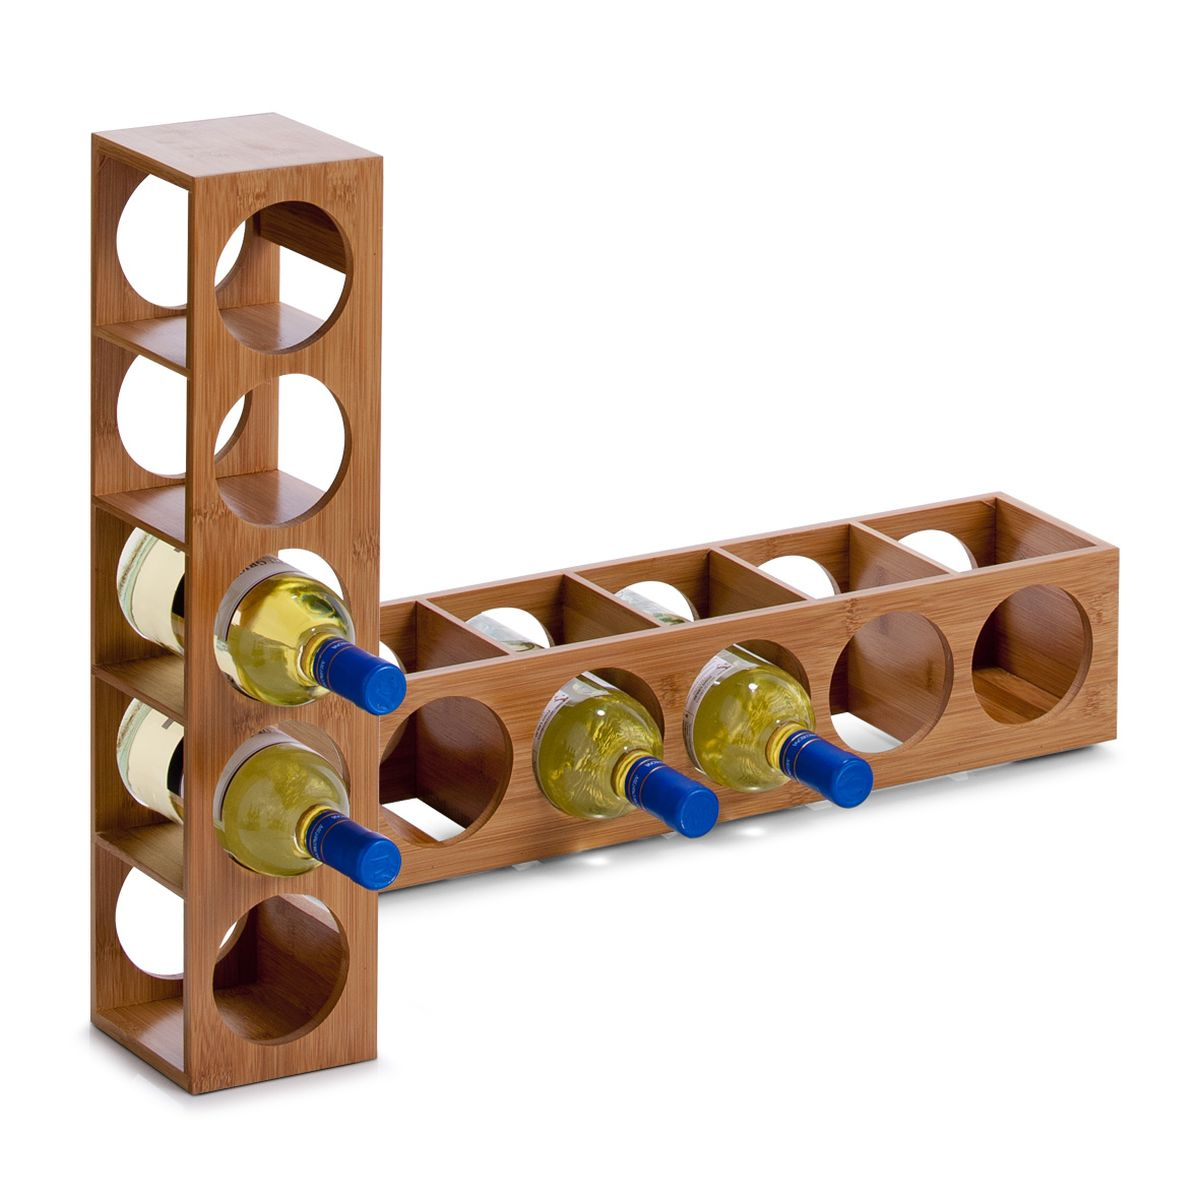 Подставка для бутылок Zeller, 13,5 х 12,5 х 53 см13Подставка для бутылок Zeller служит для размещения 5винных или пивных бутылок. Изготовлена подставка из высококачественной древесины. Устойчивая форма, удобство, надежная конструкция - все это делает подставку надежным и практичным аксессуаром. Кроме того, такая подставка стильно дополнит кухонный интерьер.Диаметр отверстия для бутылки: 9 см.